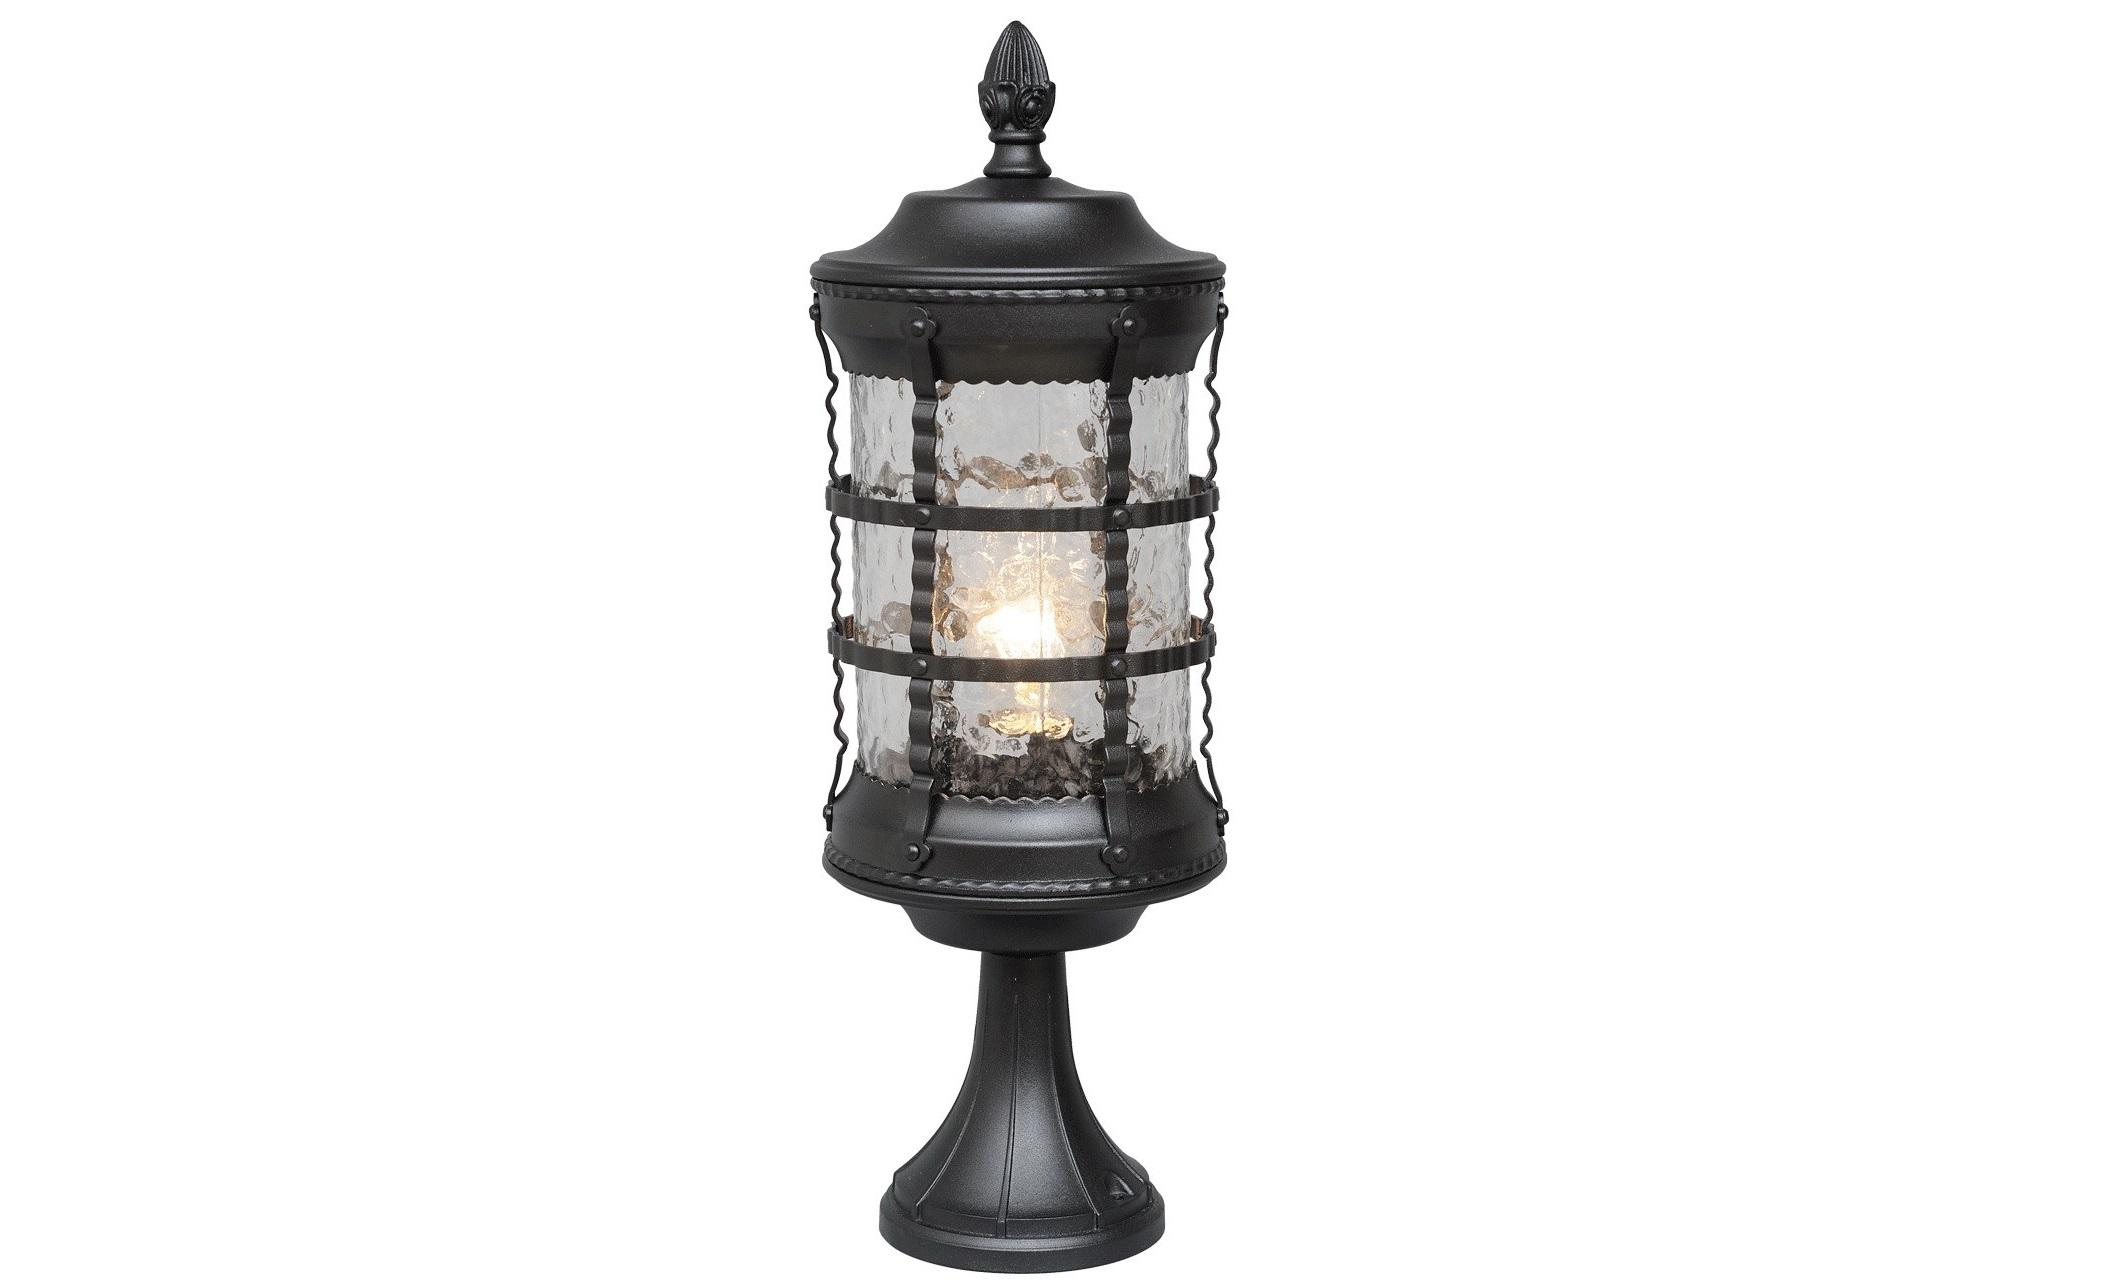 Уличный светильник ДонатоУличные наземные светильники<br>&amp;lt;div&amp;gt;Основание из алюминия черного цвета, плафоны из &amp;amp;nbsp;стекла.&amp;lt;/div&amp;gt;&amp;lt;div&amp;gt;&amp;lt;br&amp;gt;&amp;lt;/div&amp;gt;&amp;lt;div&amp;gt;Мощность 1*95W&amp;lt;/div&amp;gt;&amp;lt;div&amp;gt;Цоколь E27&amp;lt;/div&amp;gt;&amp;lt;div&amp;gt;Рабочее напряжение 220 V&amp;lt;/div&amp;gt;&amp;lt;div&amp;gt;&amp;lt;div&amp;gt;&amp;lt;span style=&amp;quot;line-height: 1.78571;&amp;quot;&amp;gt;Степень защиты светильников от пыли и влаги IP 23&amp;lt;/span&amp;gt;&amp;lt;br&amp;gt;&amp;lt;/div&amp;gt;&amp;lt;/div&amp;gt;<br><br>Material: Алюминий<br>Height см: 55<br>Diameter см: 18